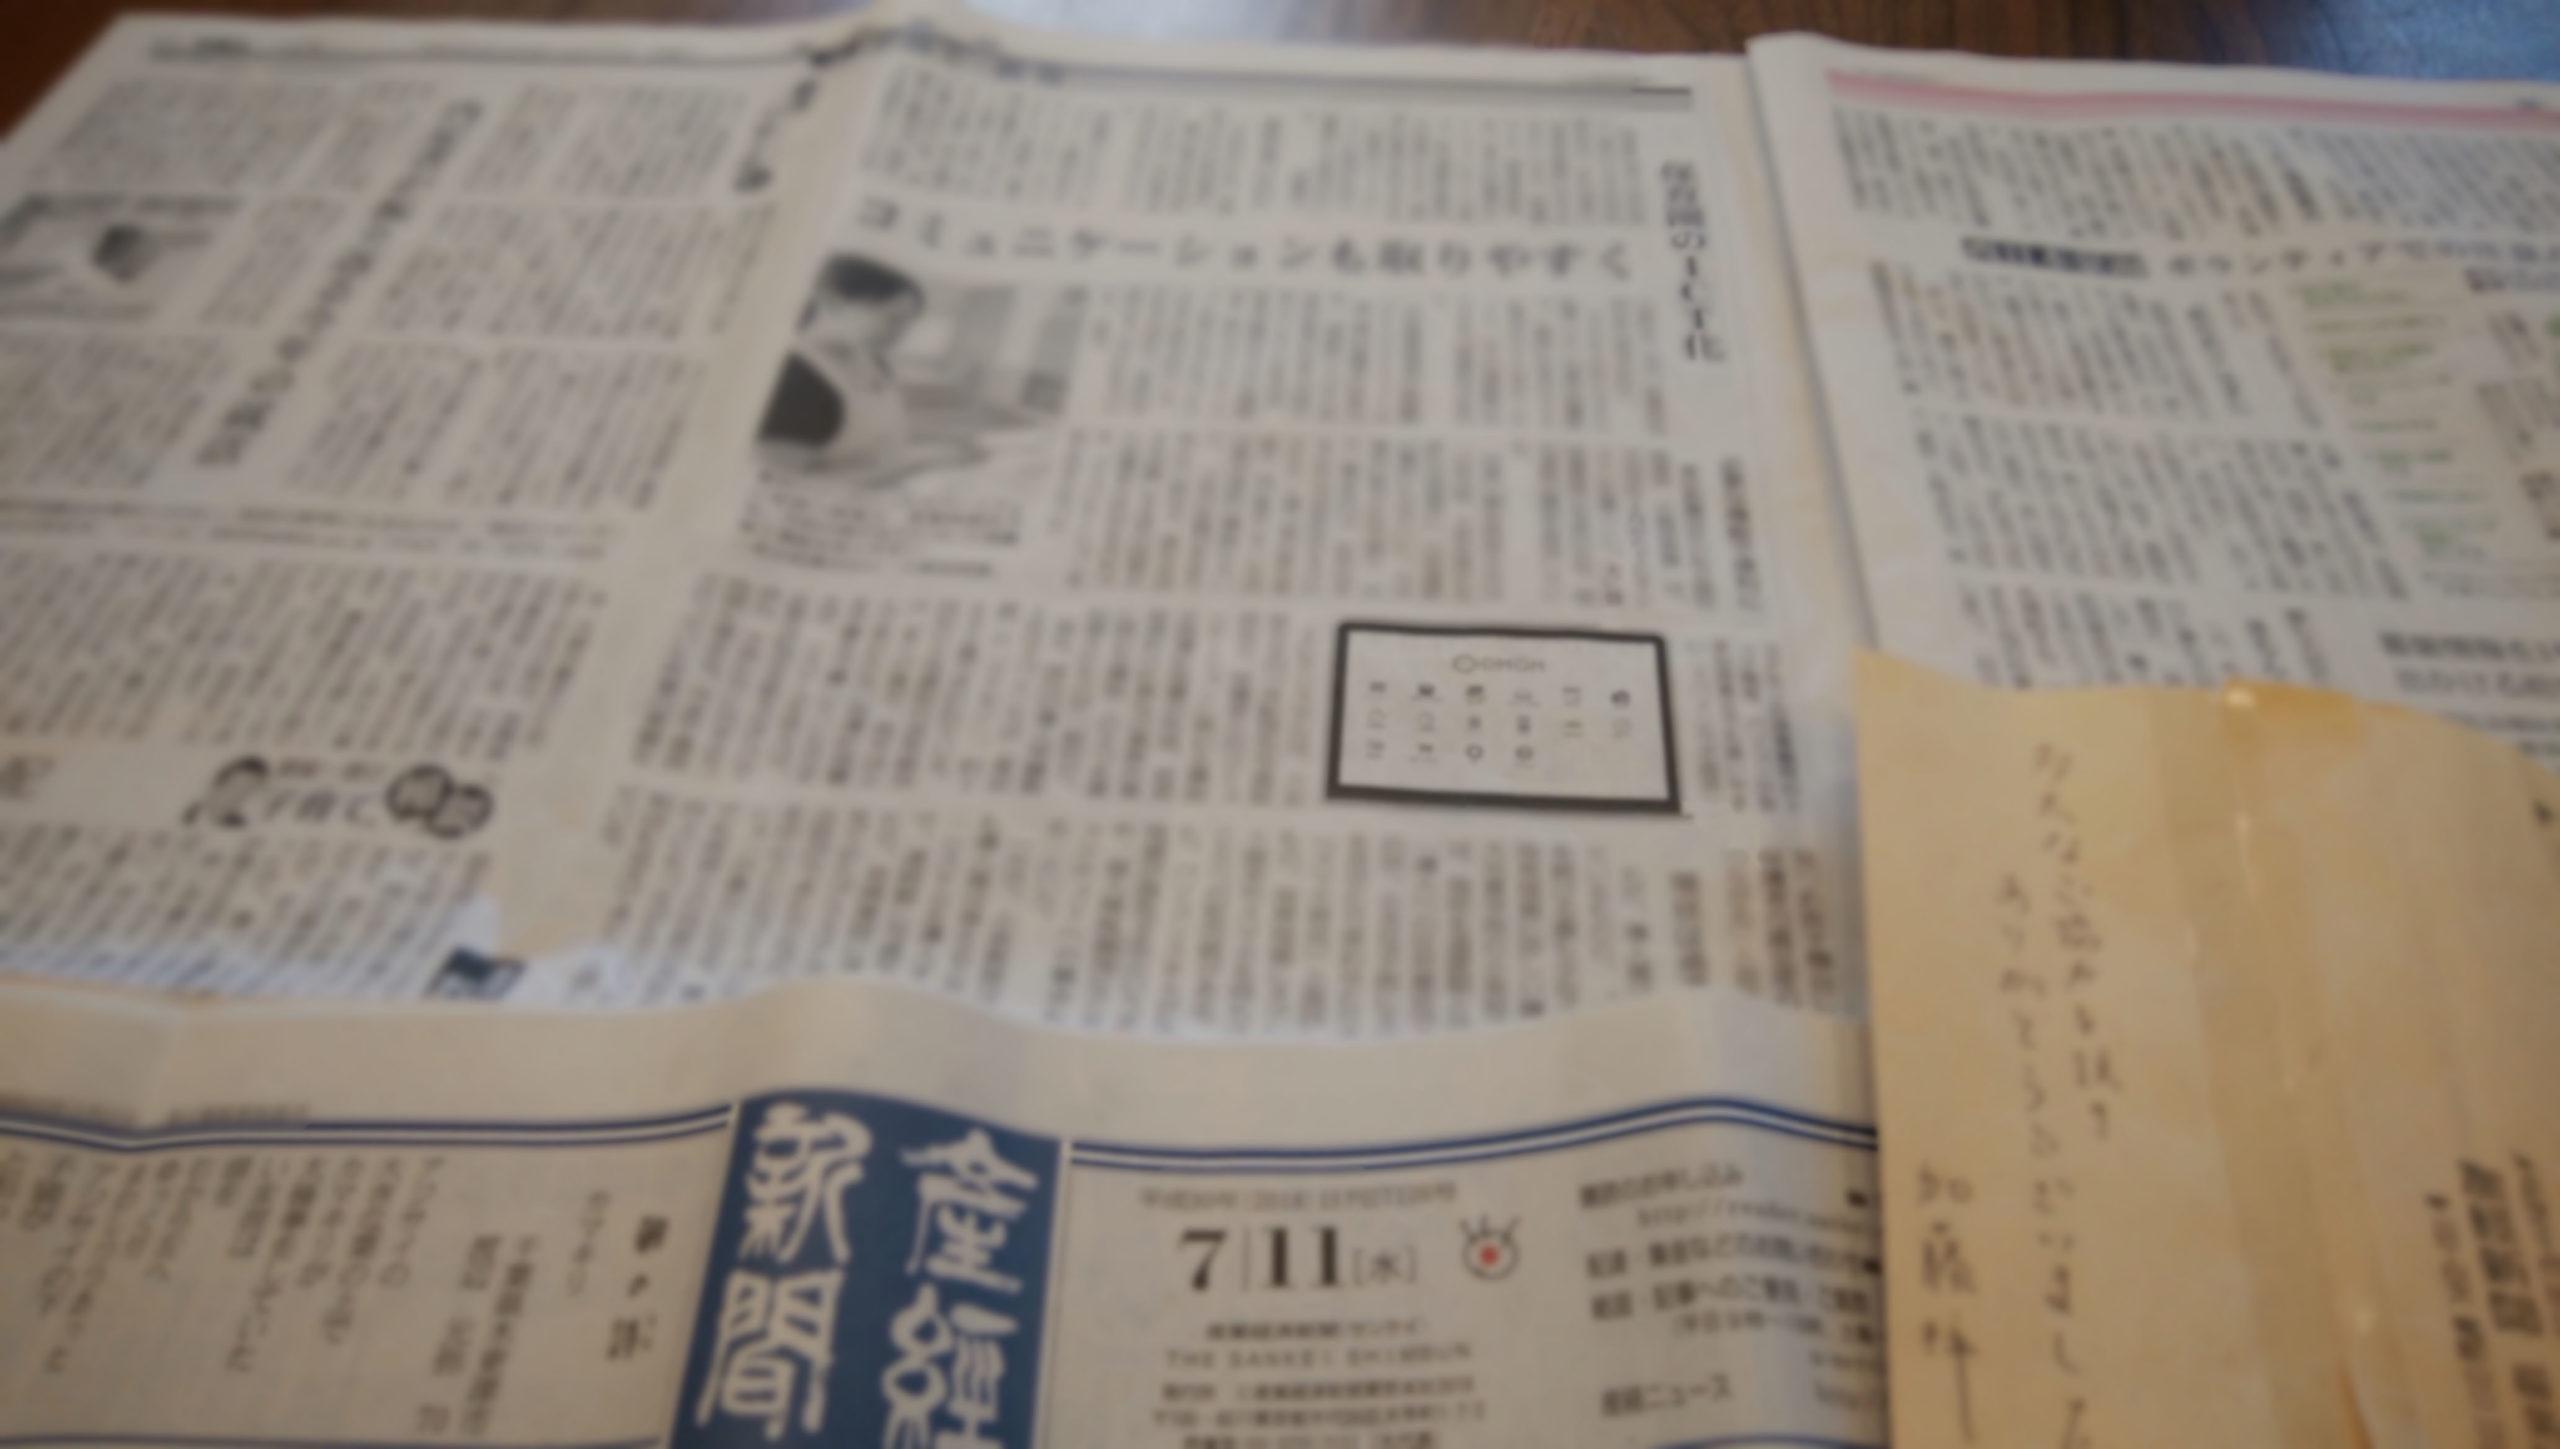 コドモン全国紙デビュー!